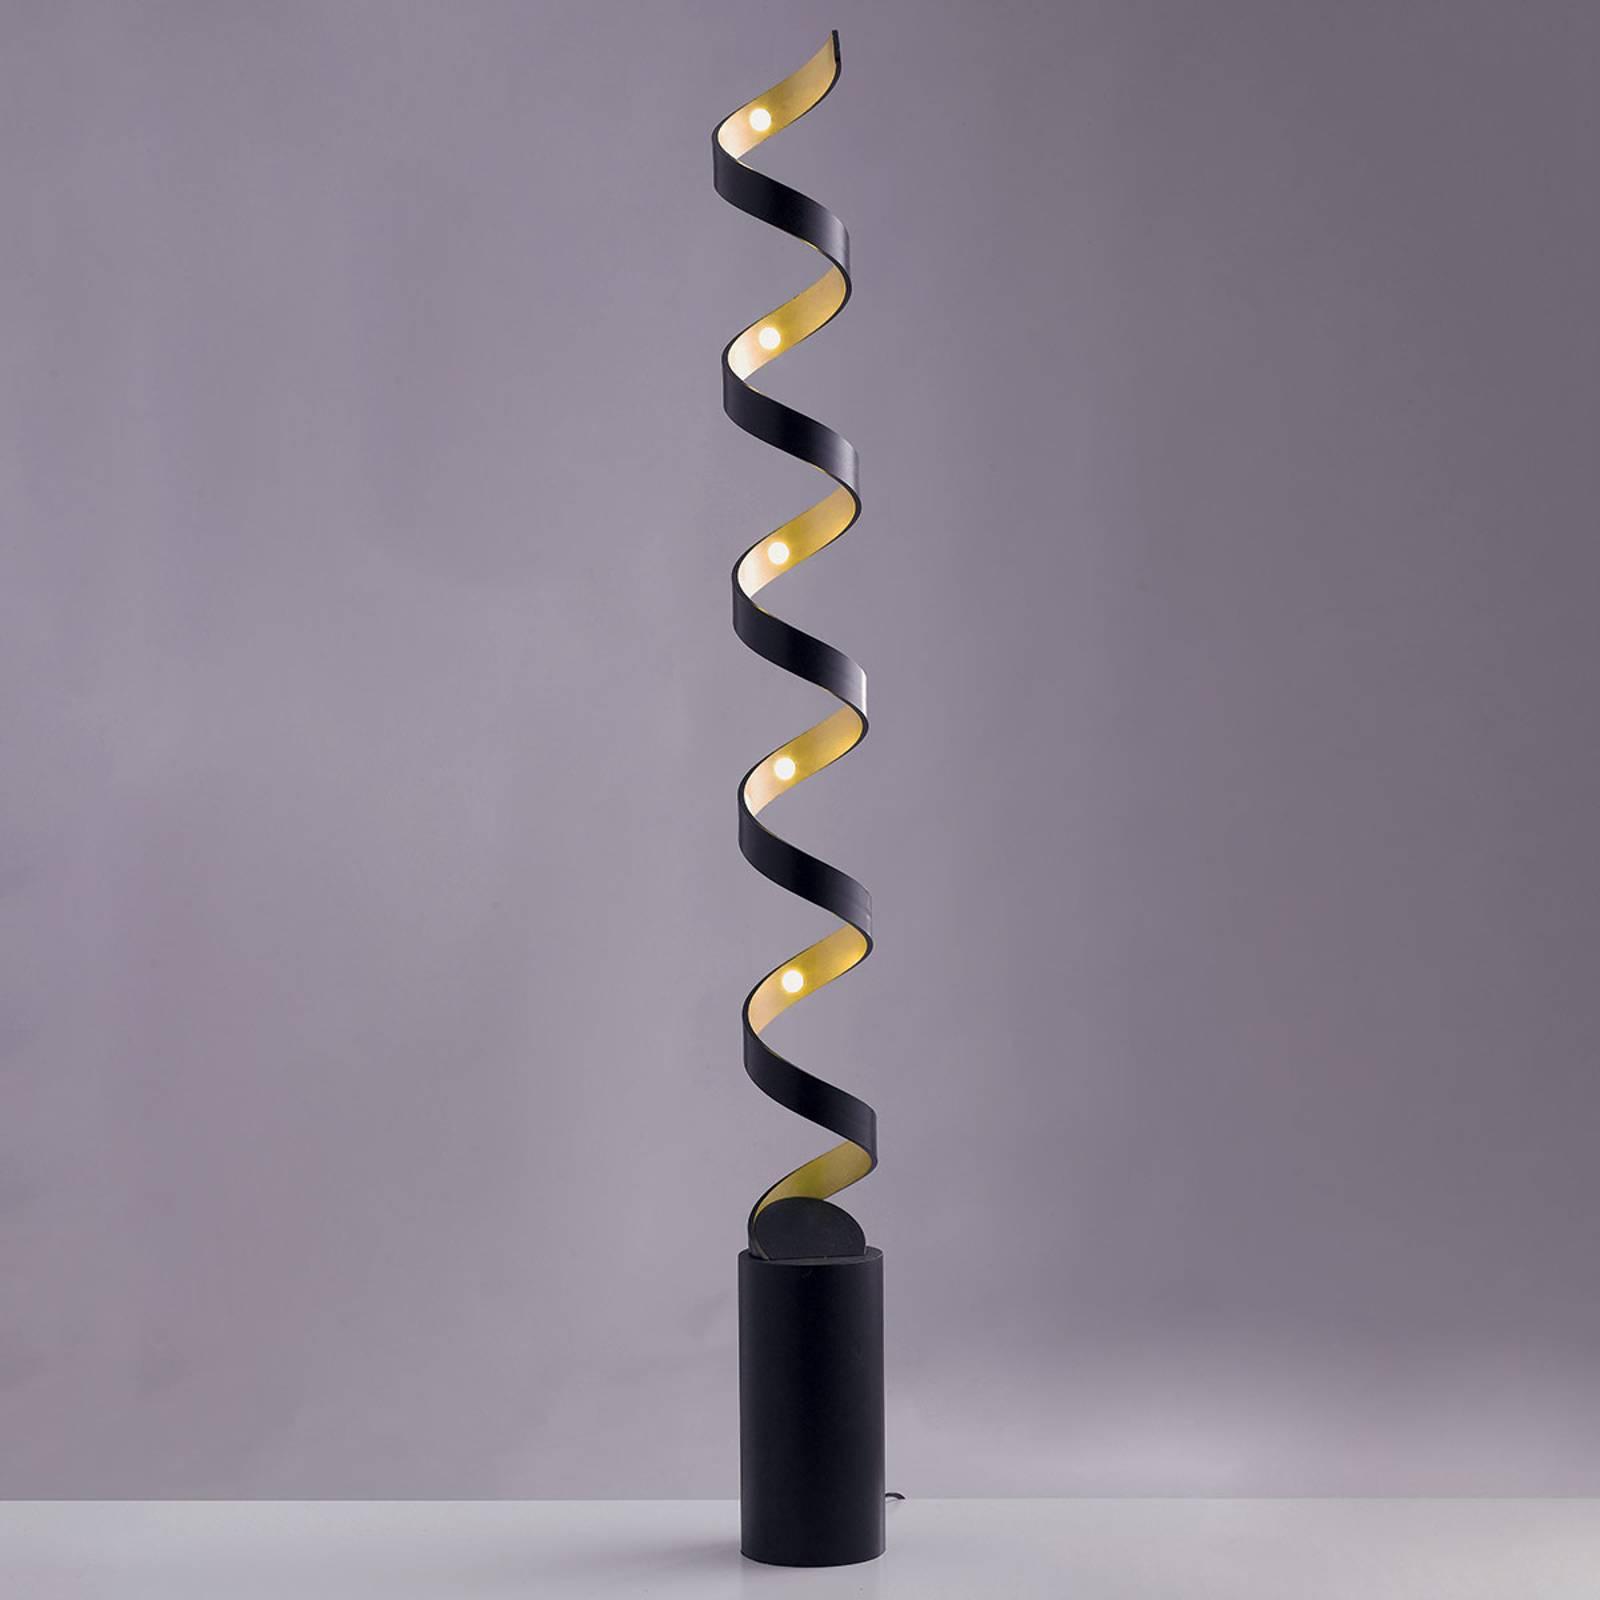 LED vloerlamp Helix in zwart-goud